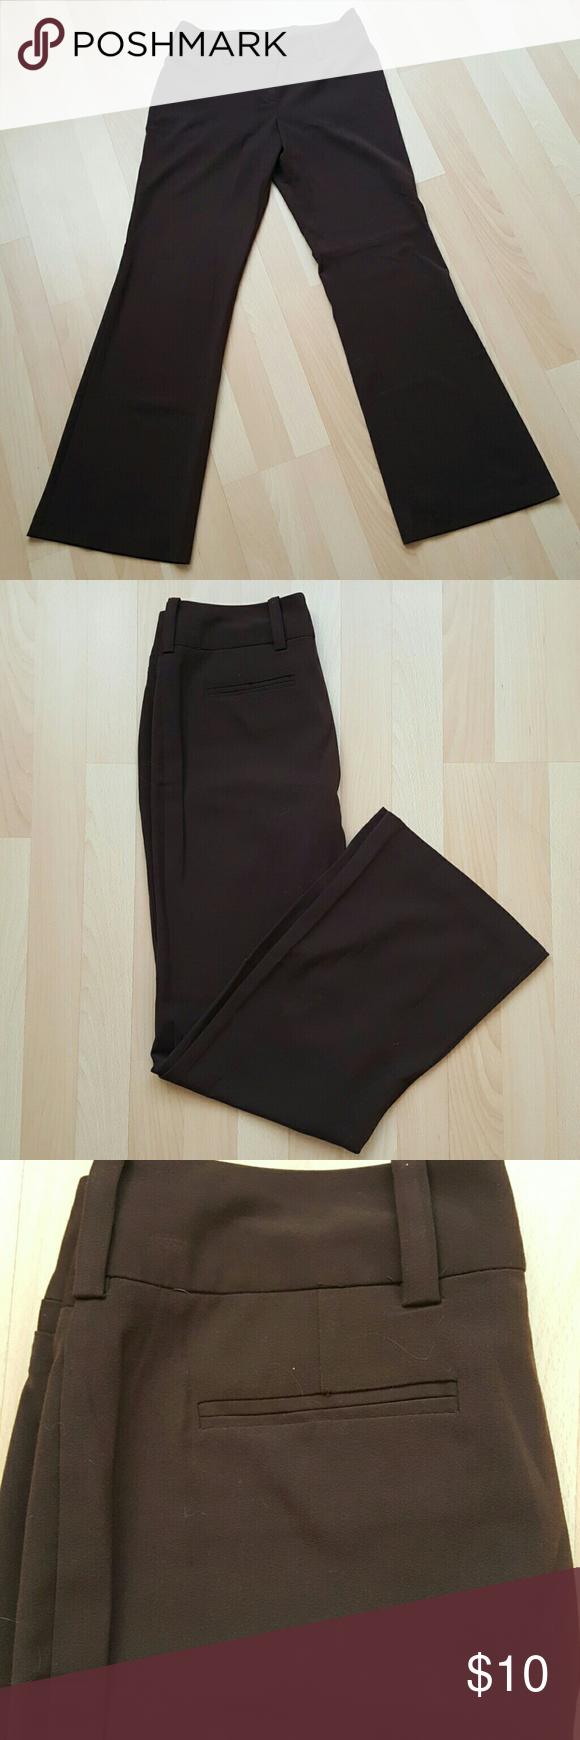 Brown dress slacks dress slacks slacks and dress pants